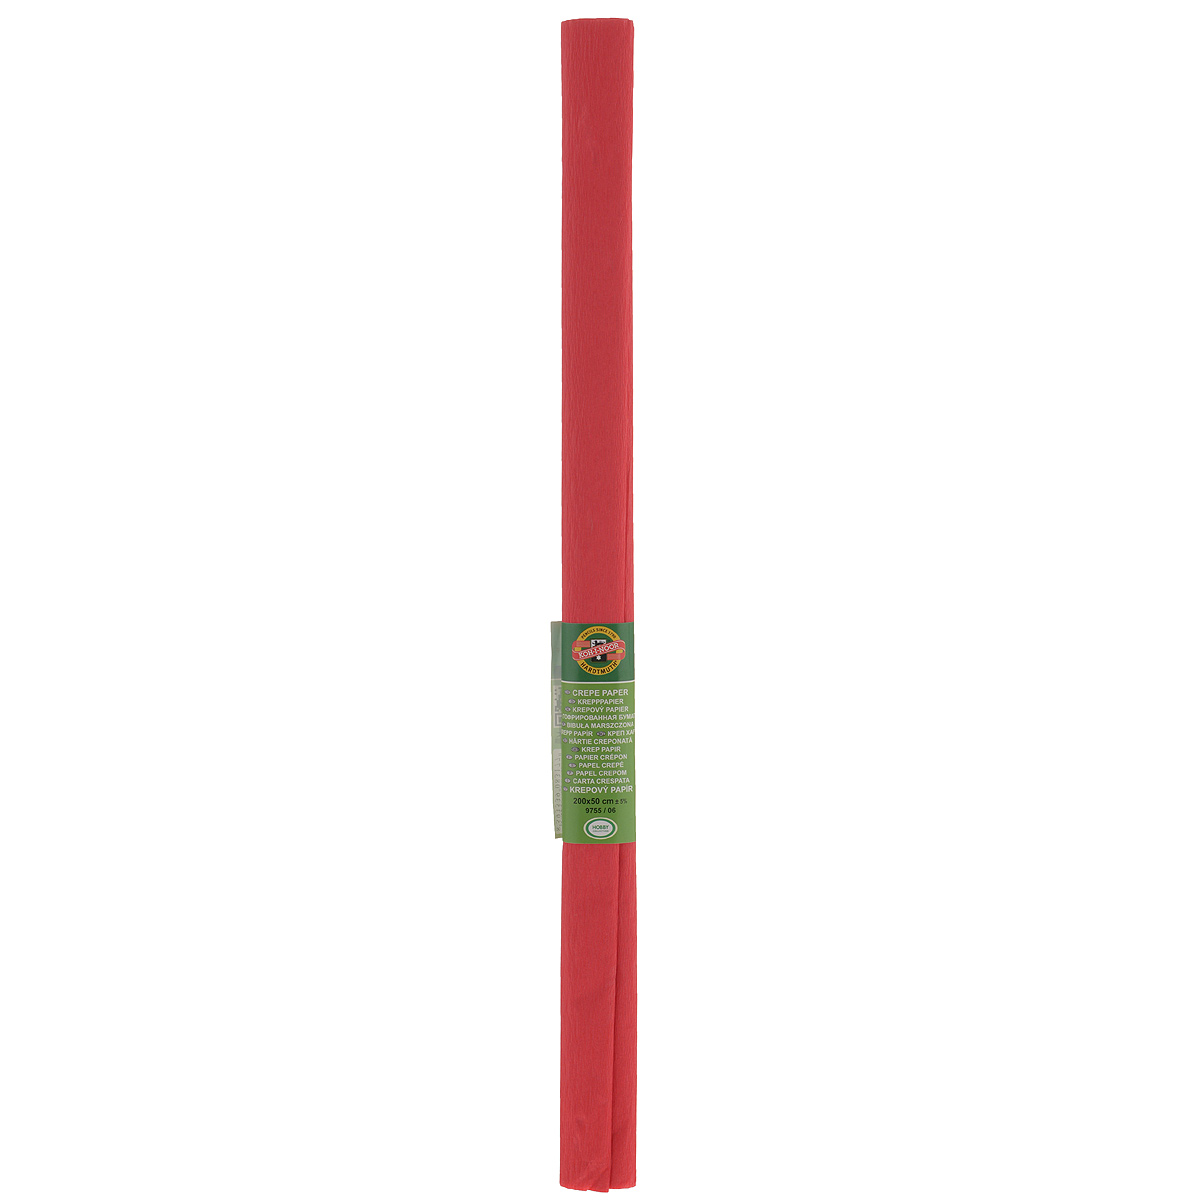 Бумага гофрированная Koh-I-Noor, цвет: светло-красный, 50 см x 2 м55052Гофрированная бумага Koh-I-Noor - прекрасный материал для декорирования, изготовления эффектной упаковки и различных поделок. Бумага прекрасно держит форму, не пачкает руки, отлично крепится и замечательно подходит для изготовления праздничной упаковки для цветов.